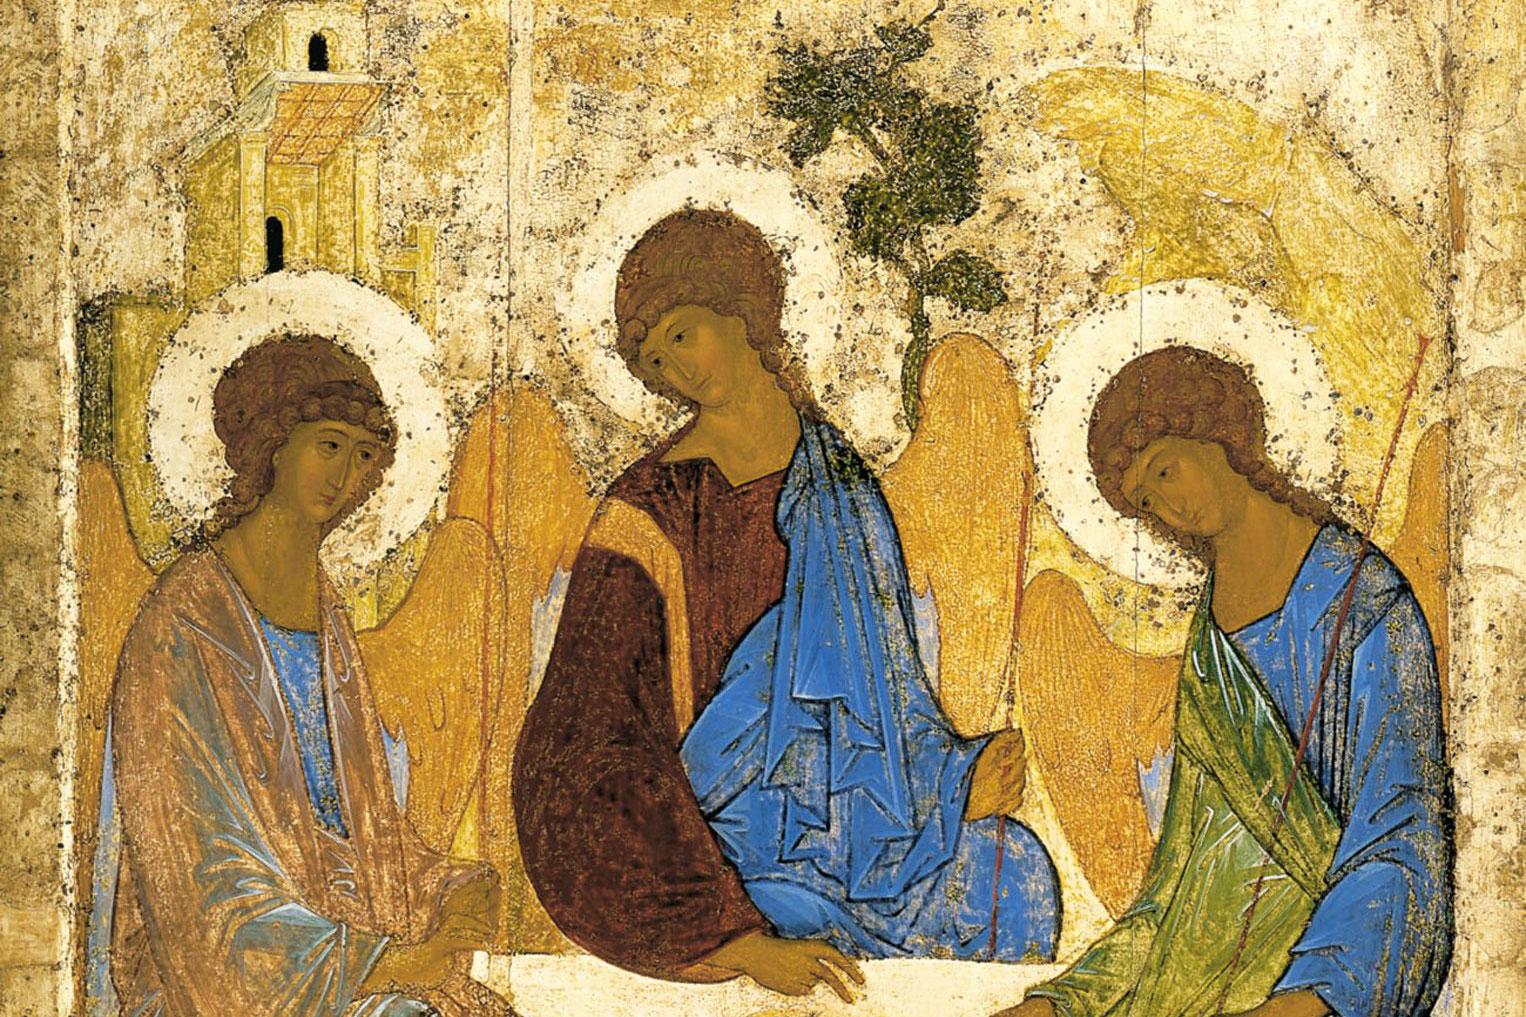 El Icono Ruso Que Revela El Misterio De La Trinidad